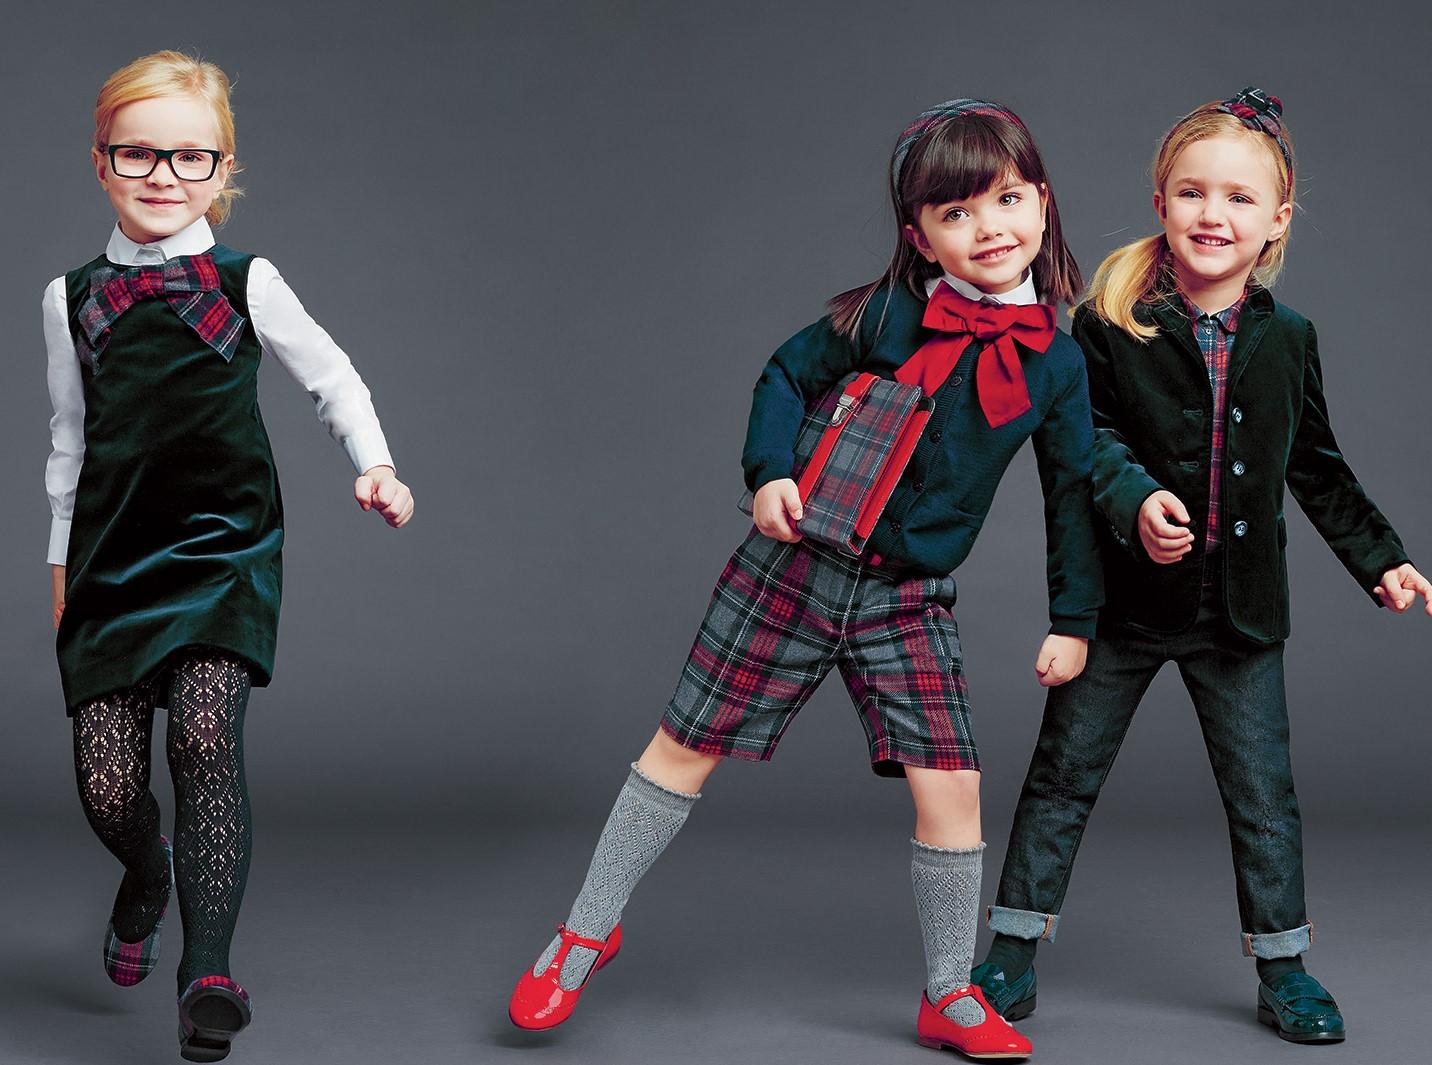 Школьная форма для девочек 2017: модные тенденции фото, видео